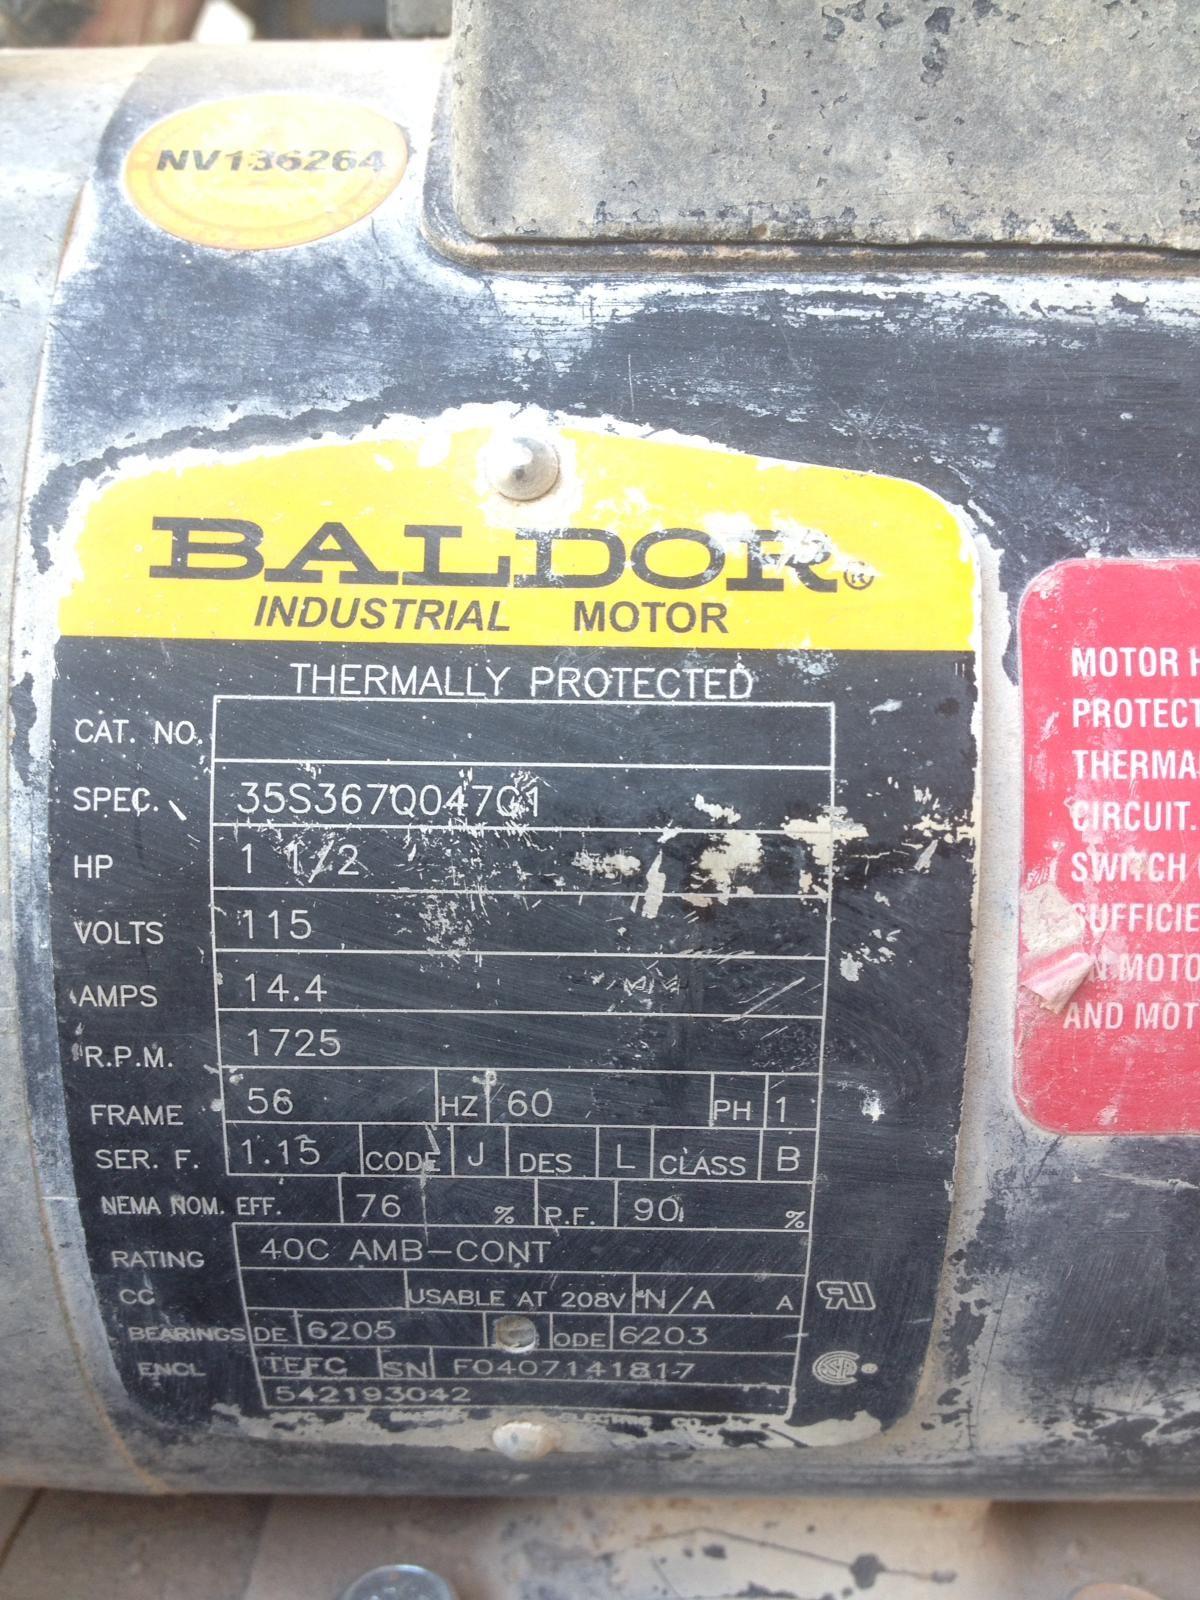 Baldor Motor Parts Diagram : baldor, motor, parts, diagram, Baldor, 35S367Q047C1, Motor, Target, Tilematic, Alternator,, Motor,, Alternator